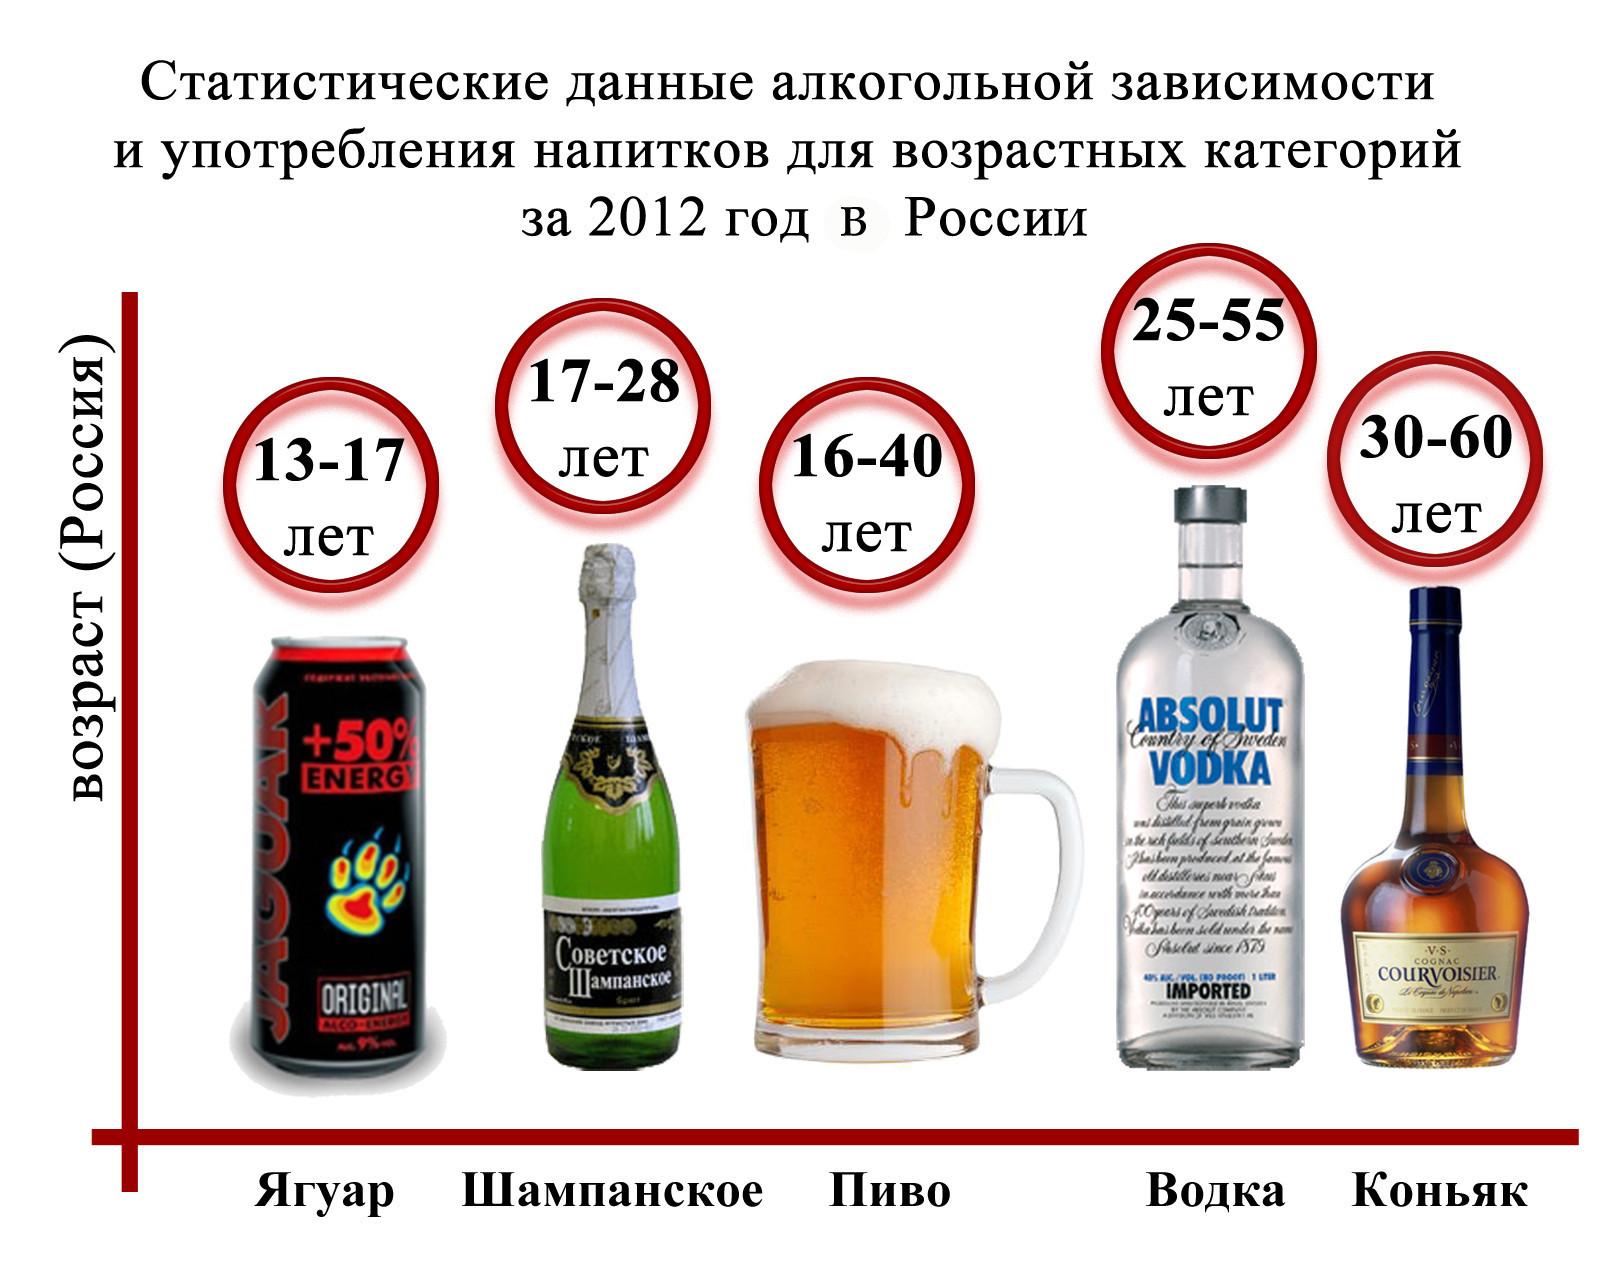 Статистика по распитию алкогольных напитков среди населения России